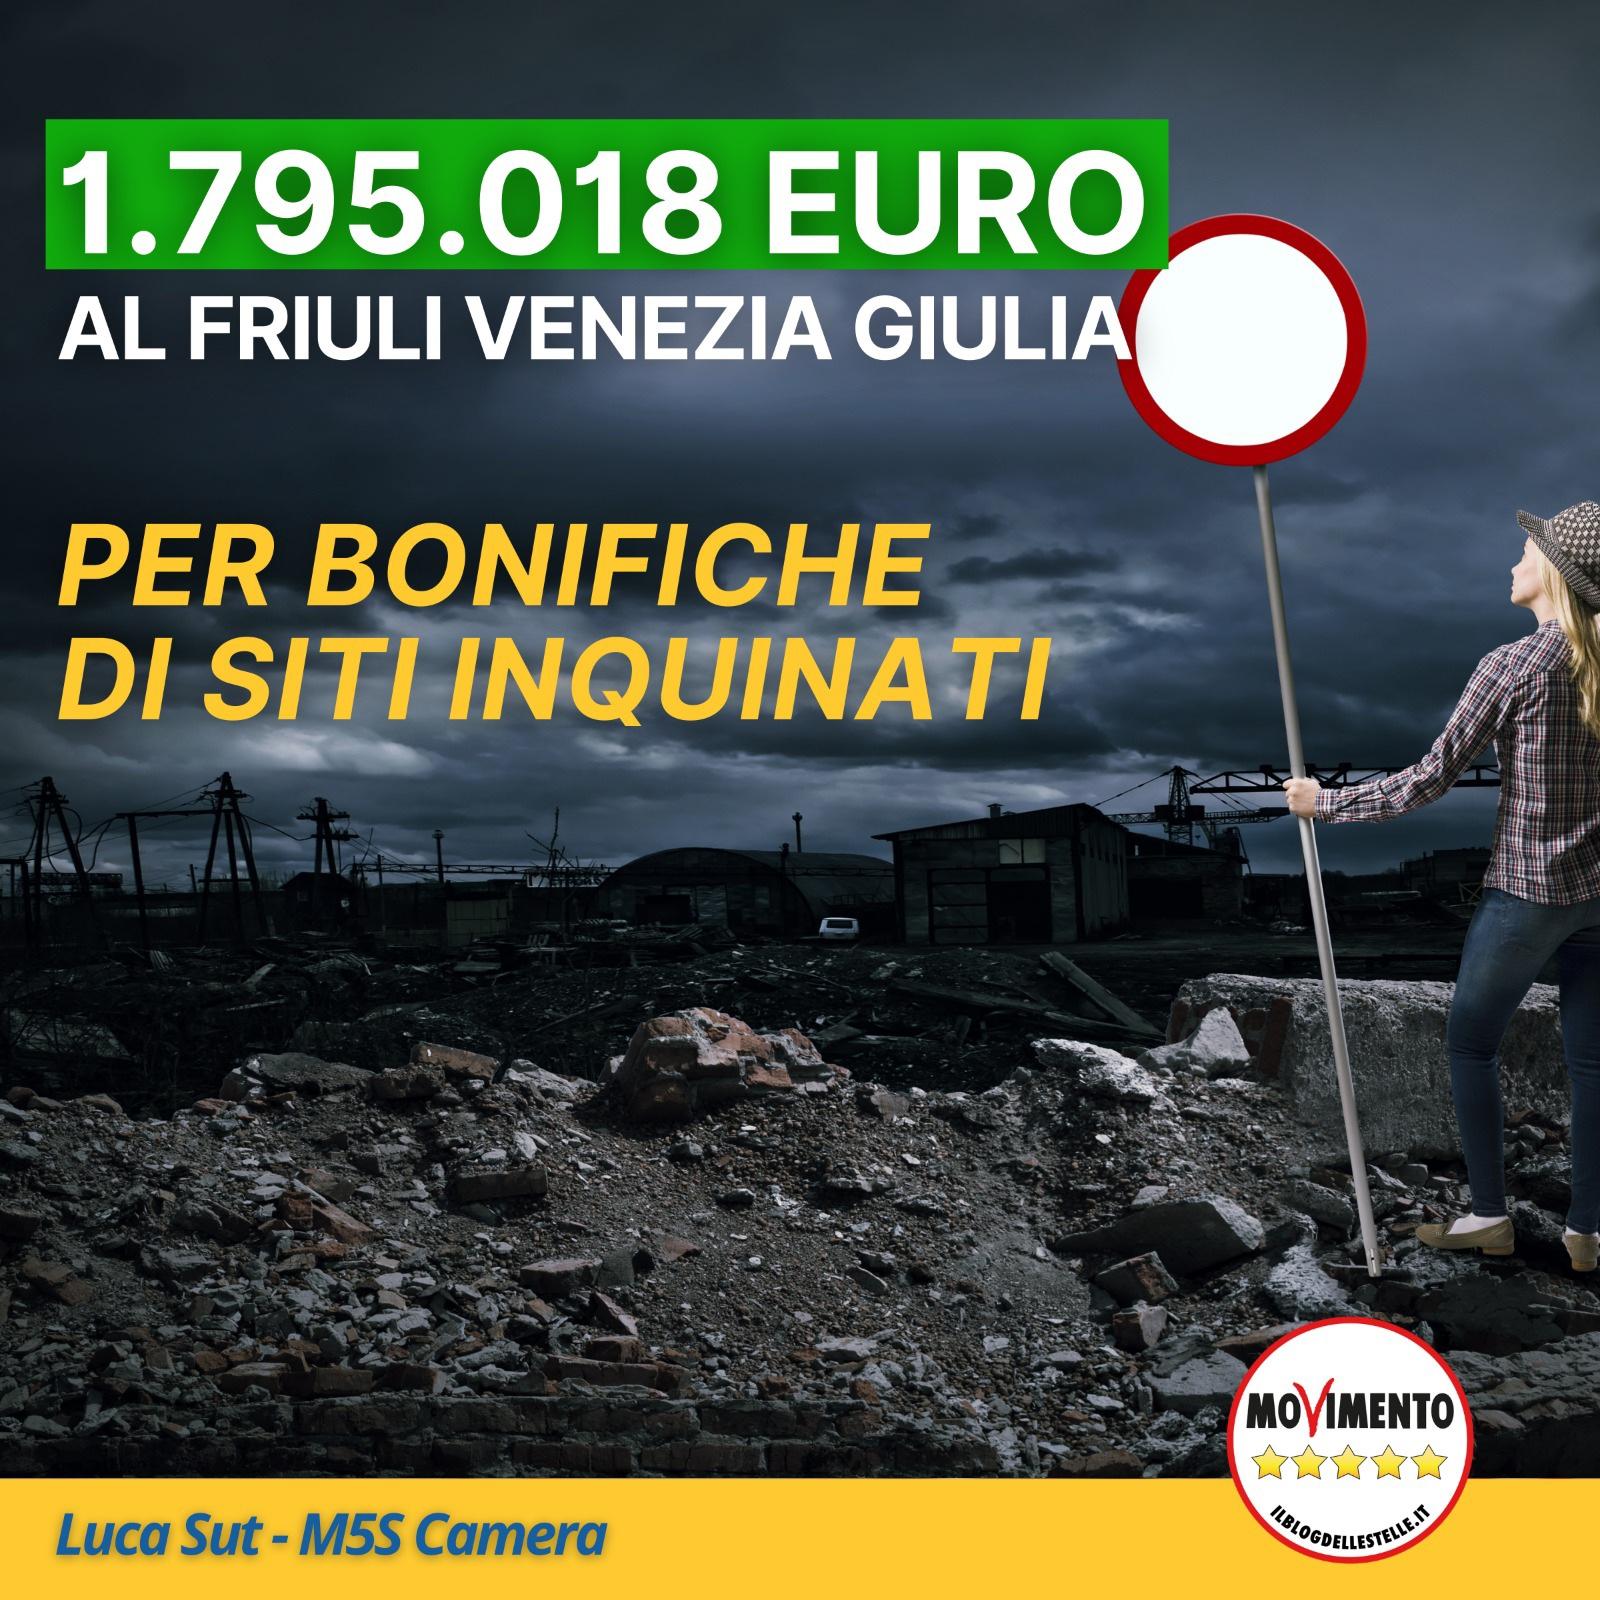 Stanziati oltre 105 milioni di euro per bonifiche di siti inquinanti abbandonati, di questi ben 1.795.018 € sono destinati al Friuli Venezia Giulia.